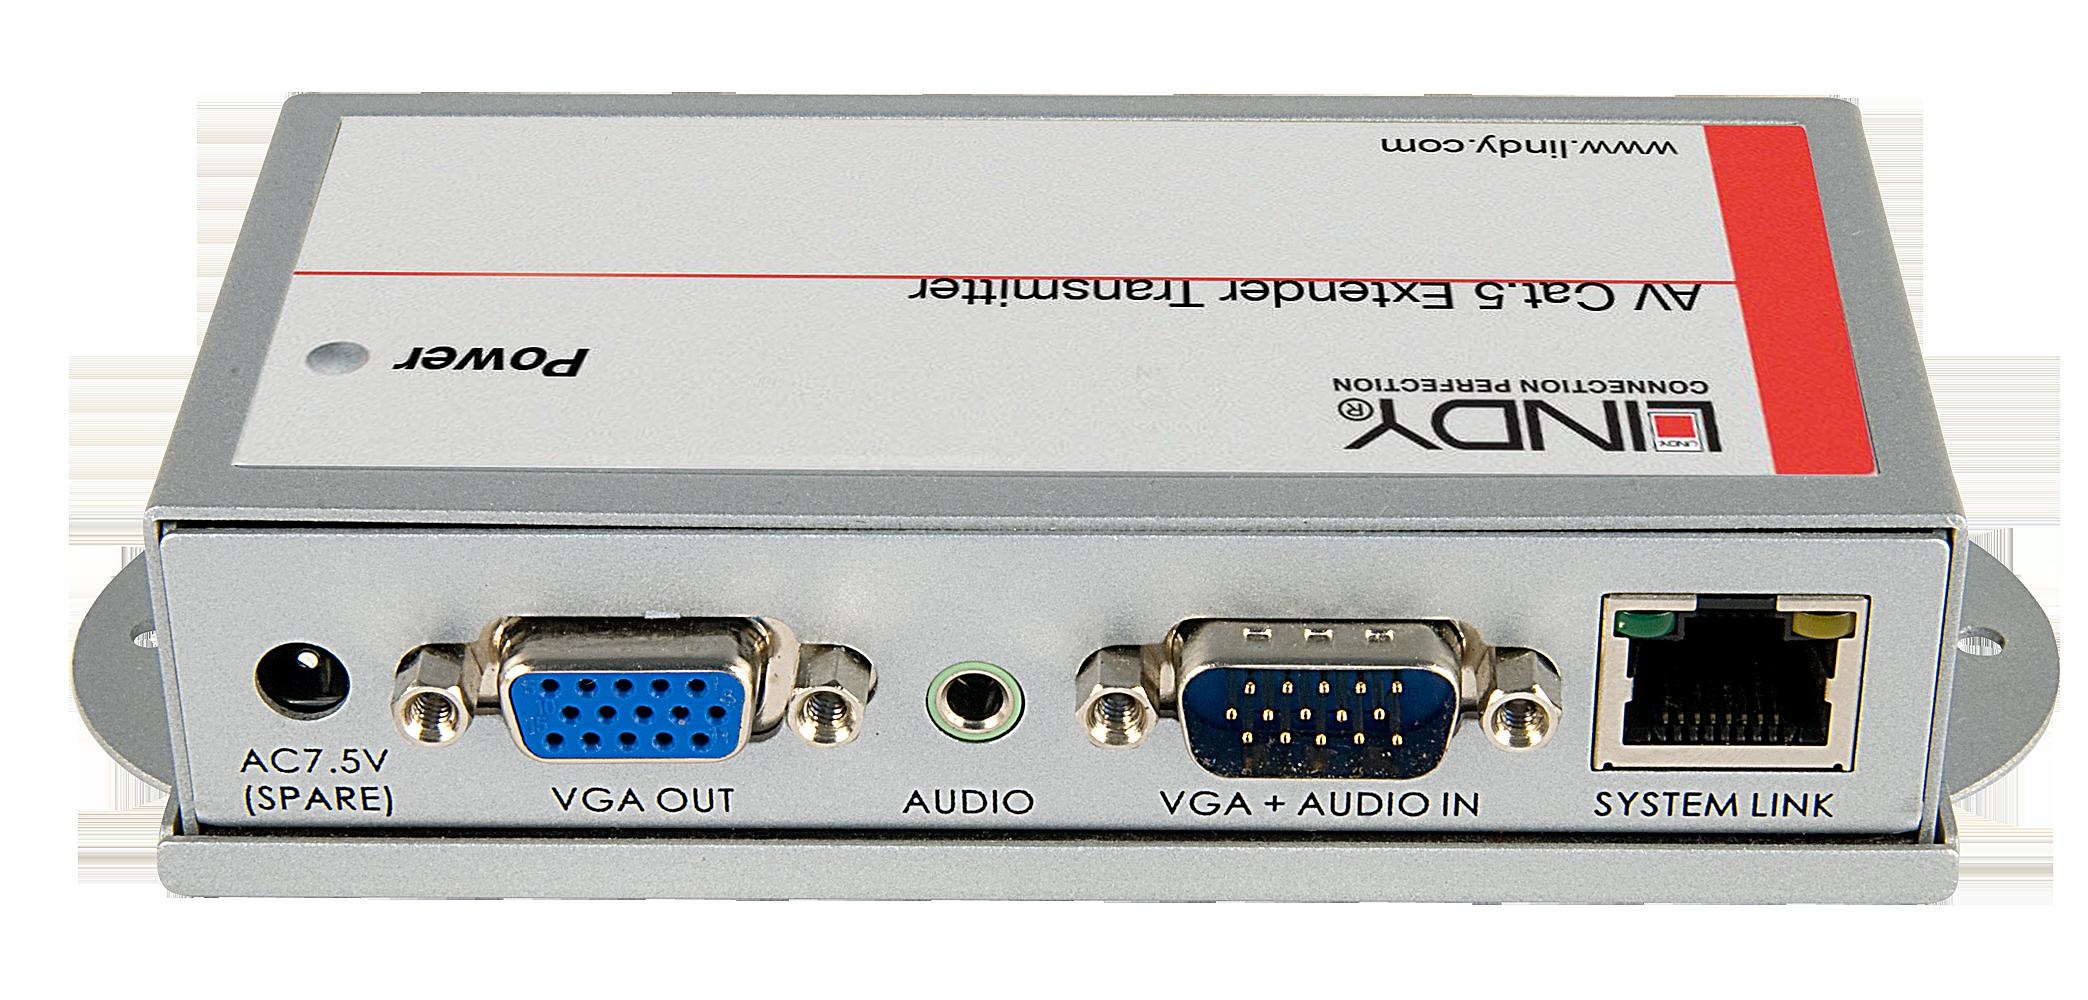 Lindy CAT5e/6 VGA & Audio Transmitter - Erweiterung für Video/Audio - bis zu 250 m